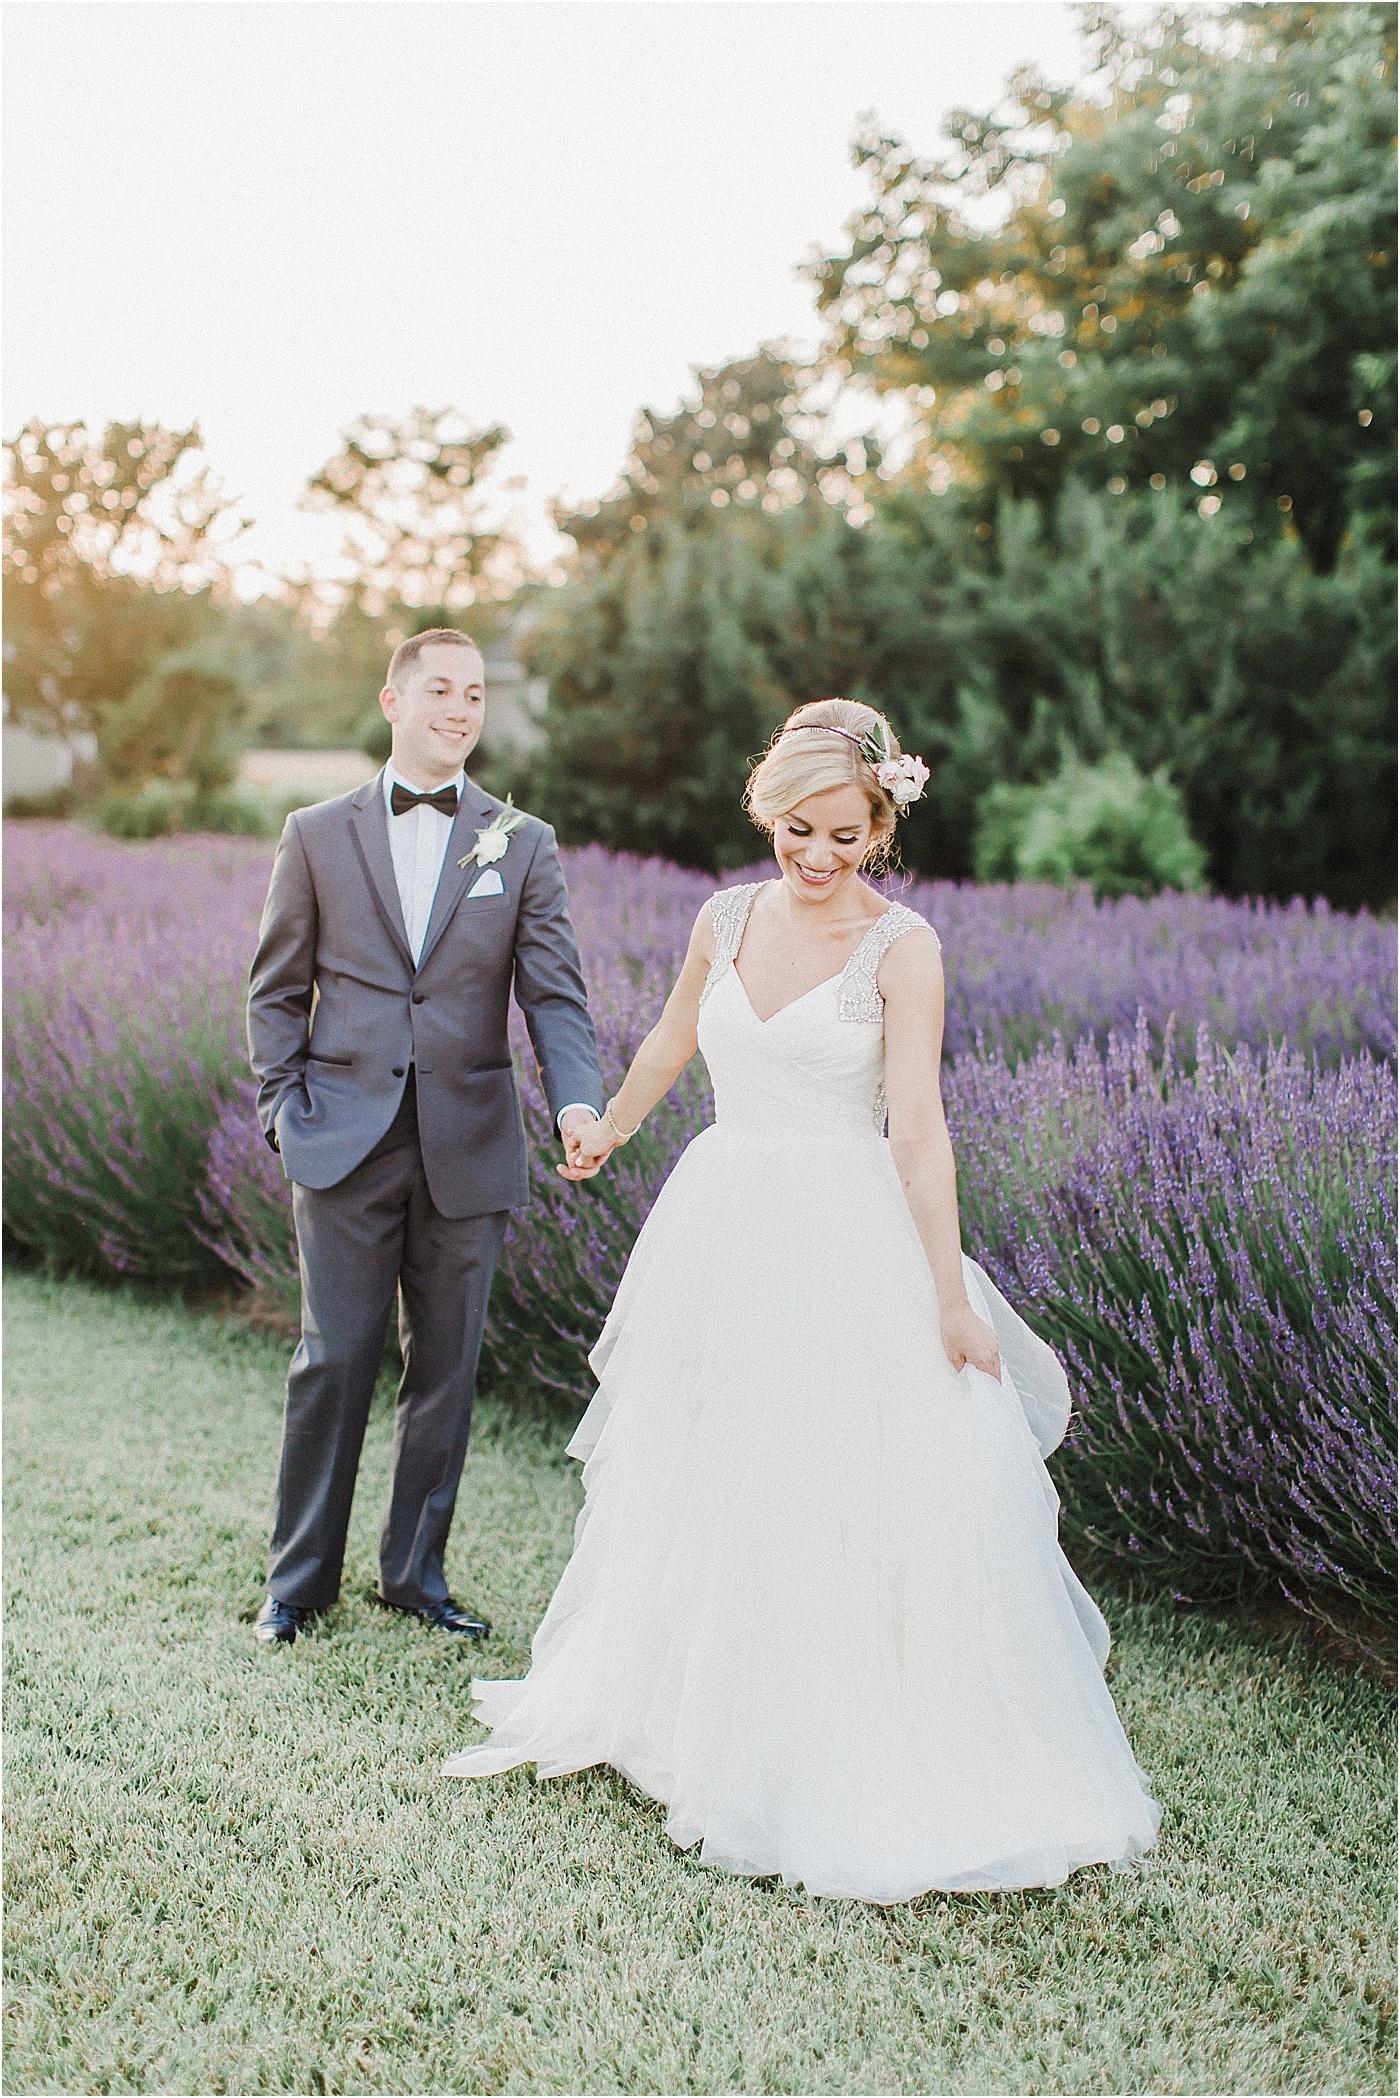 Lavender Field Bride and Groom Wedding Photos